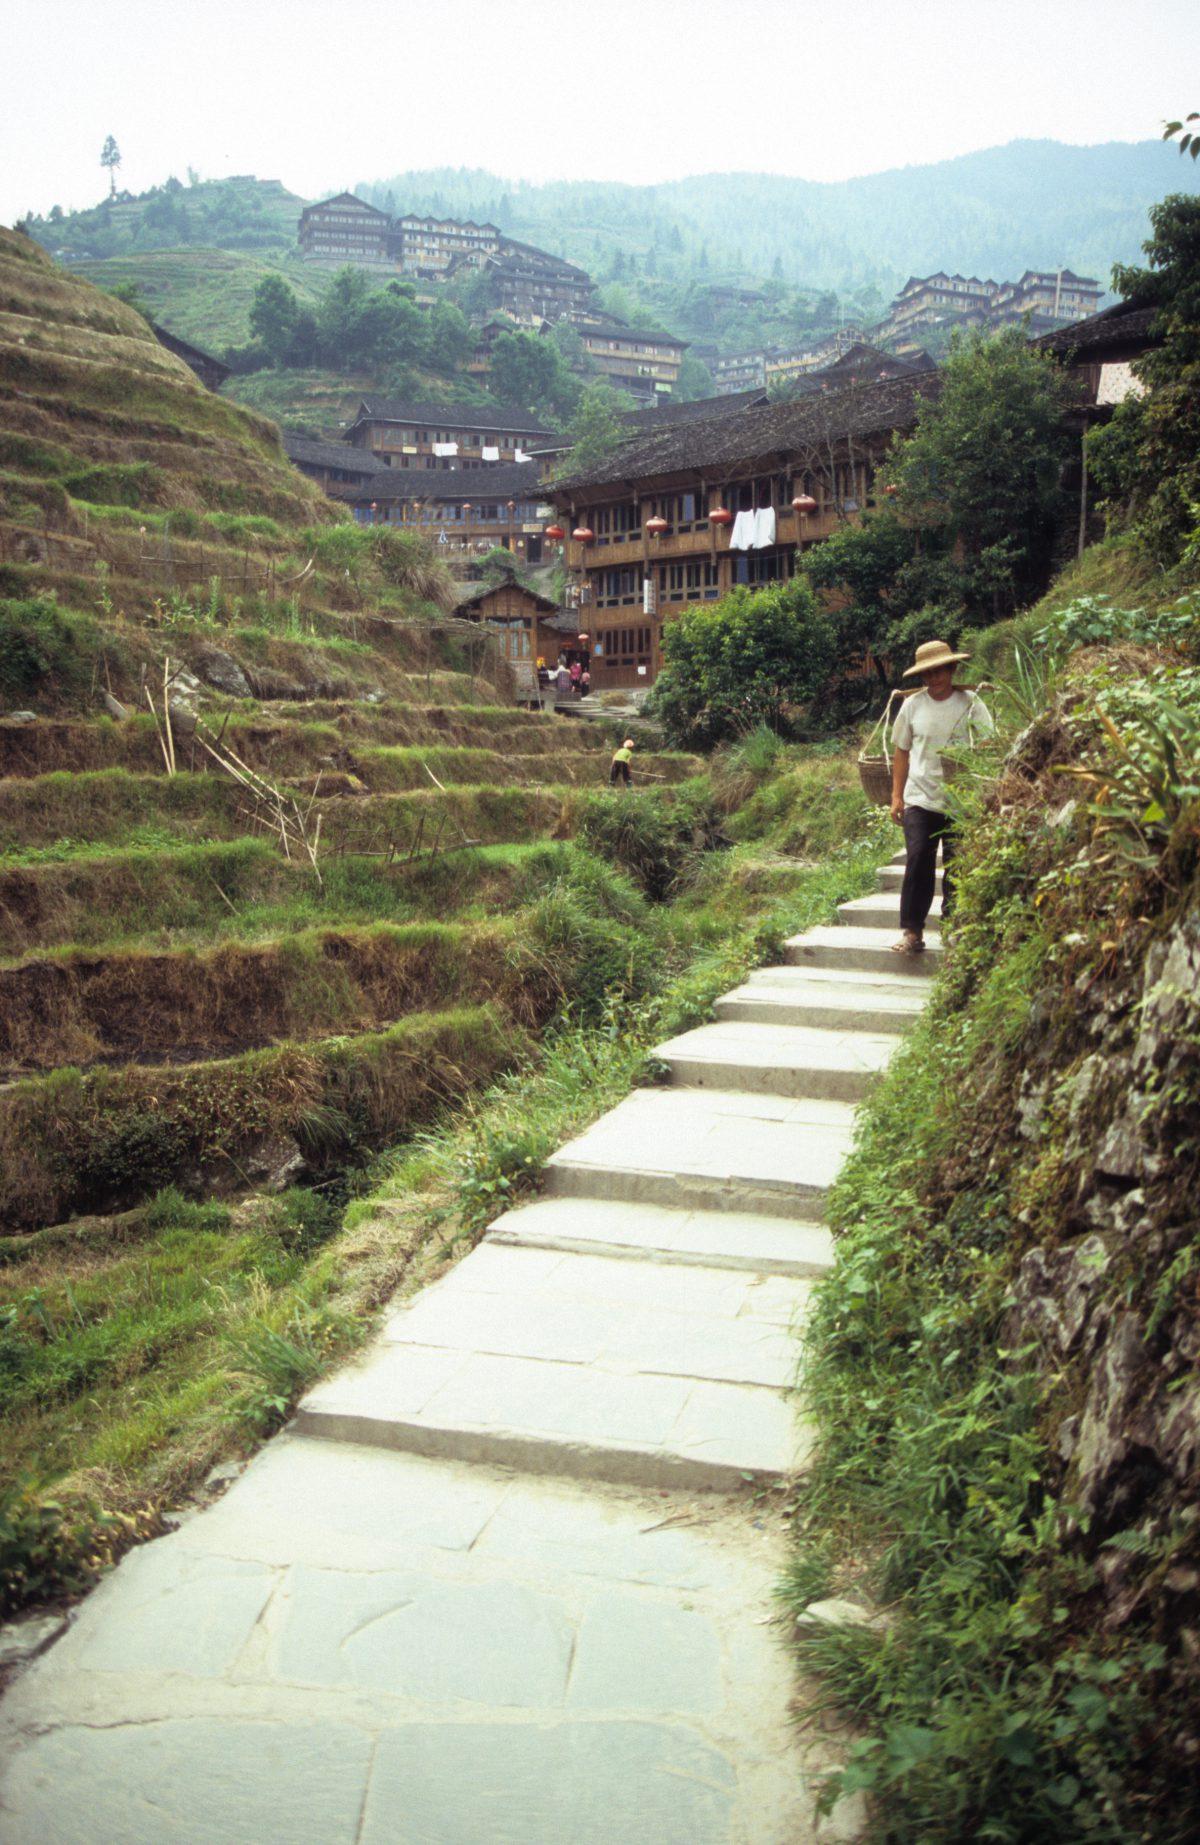 stair, female, village